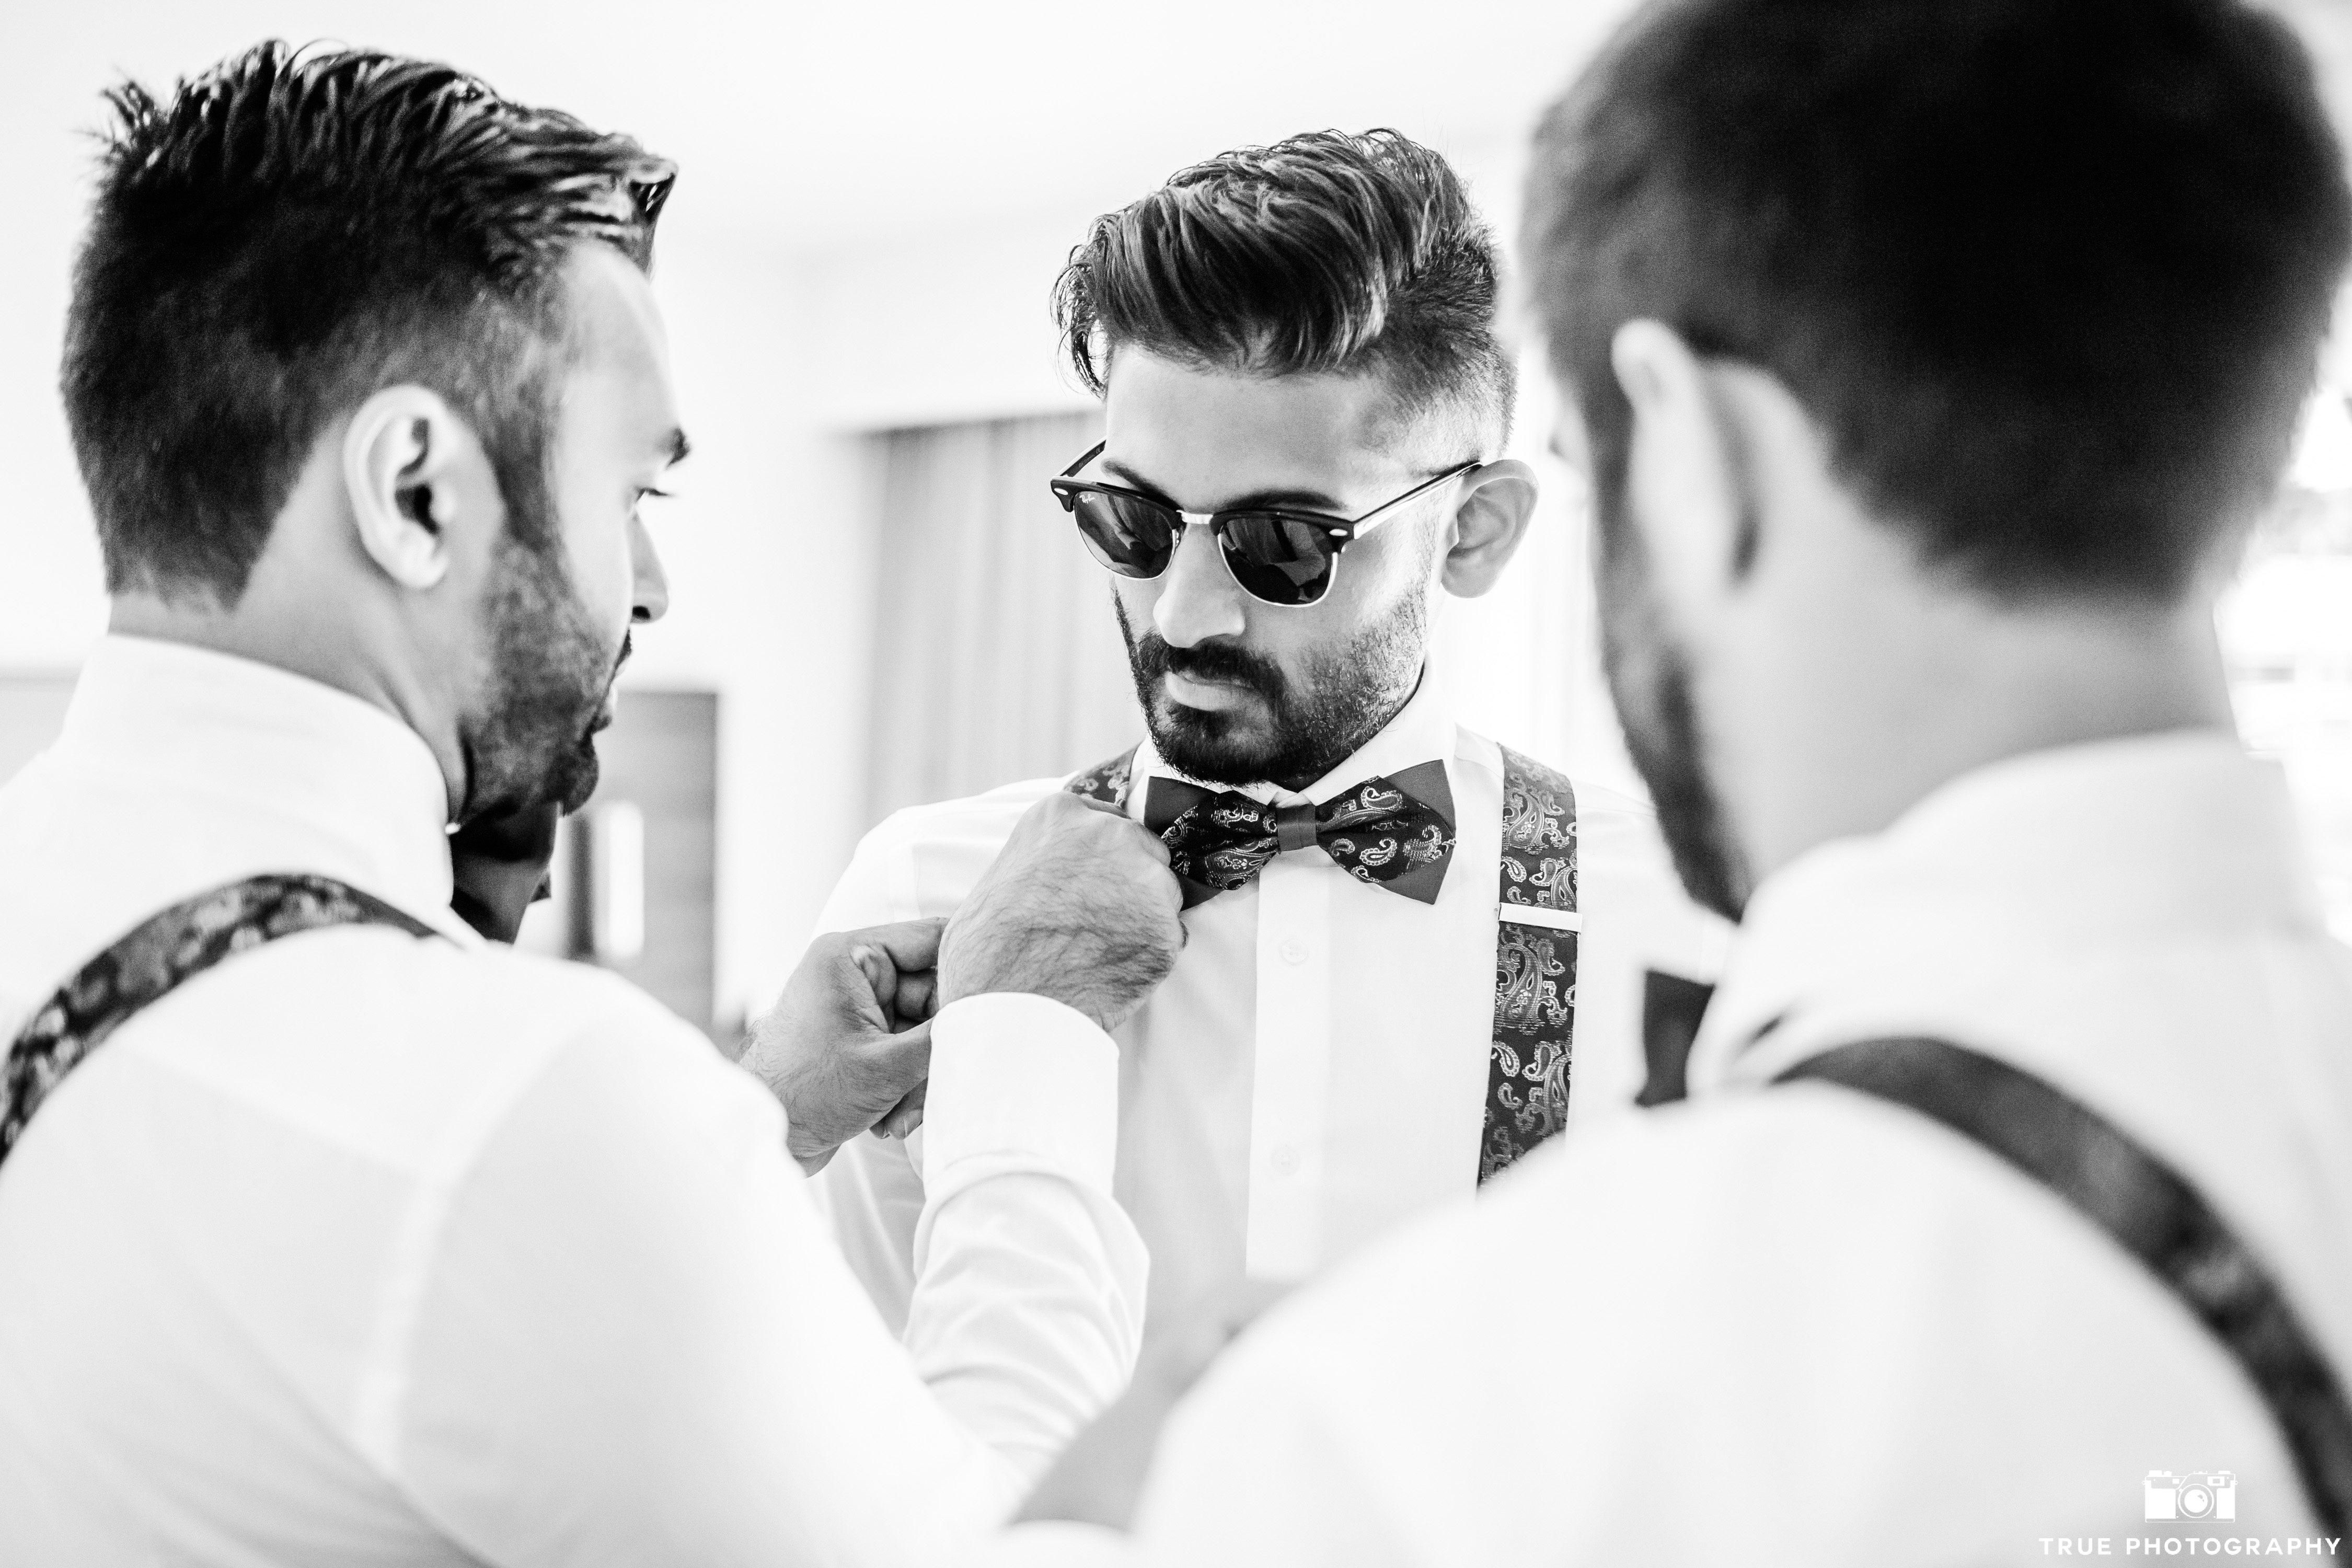 groomsmen getting ready bowtie and susperders wedding attire